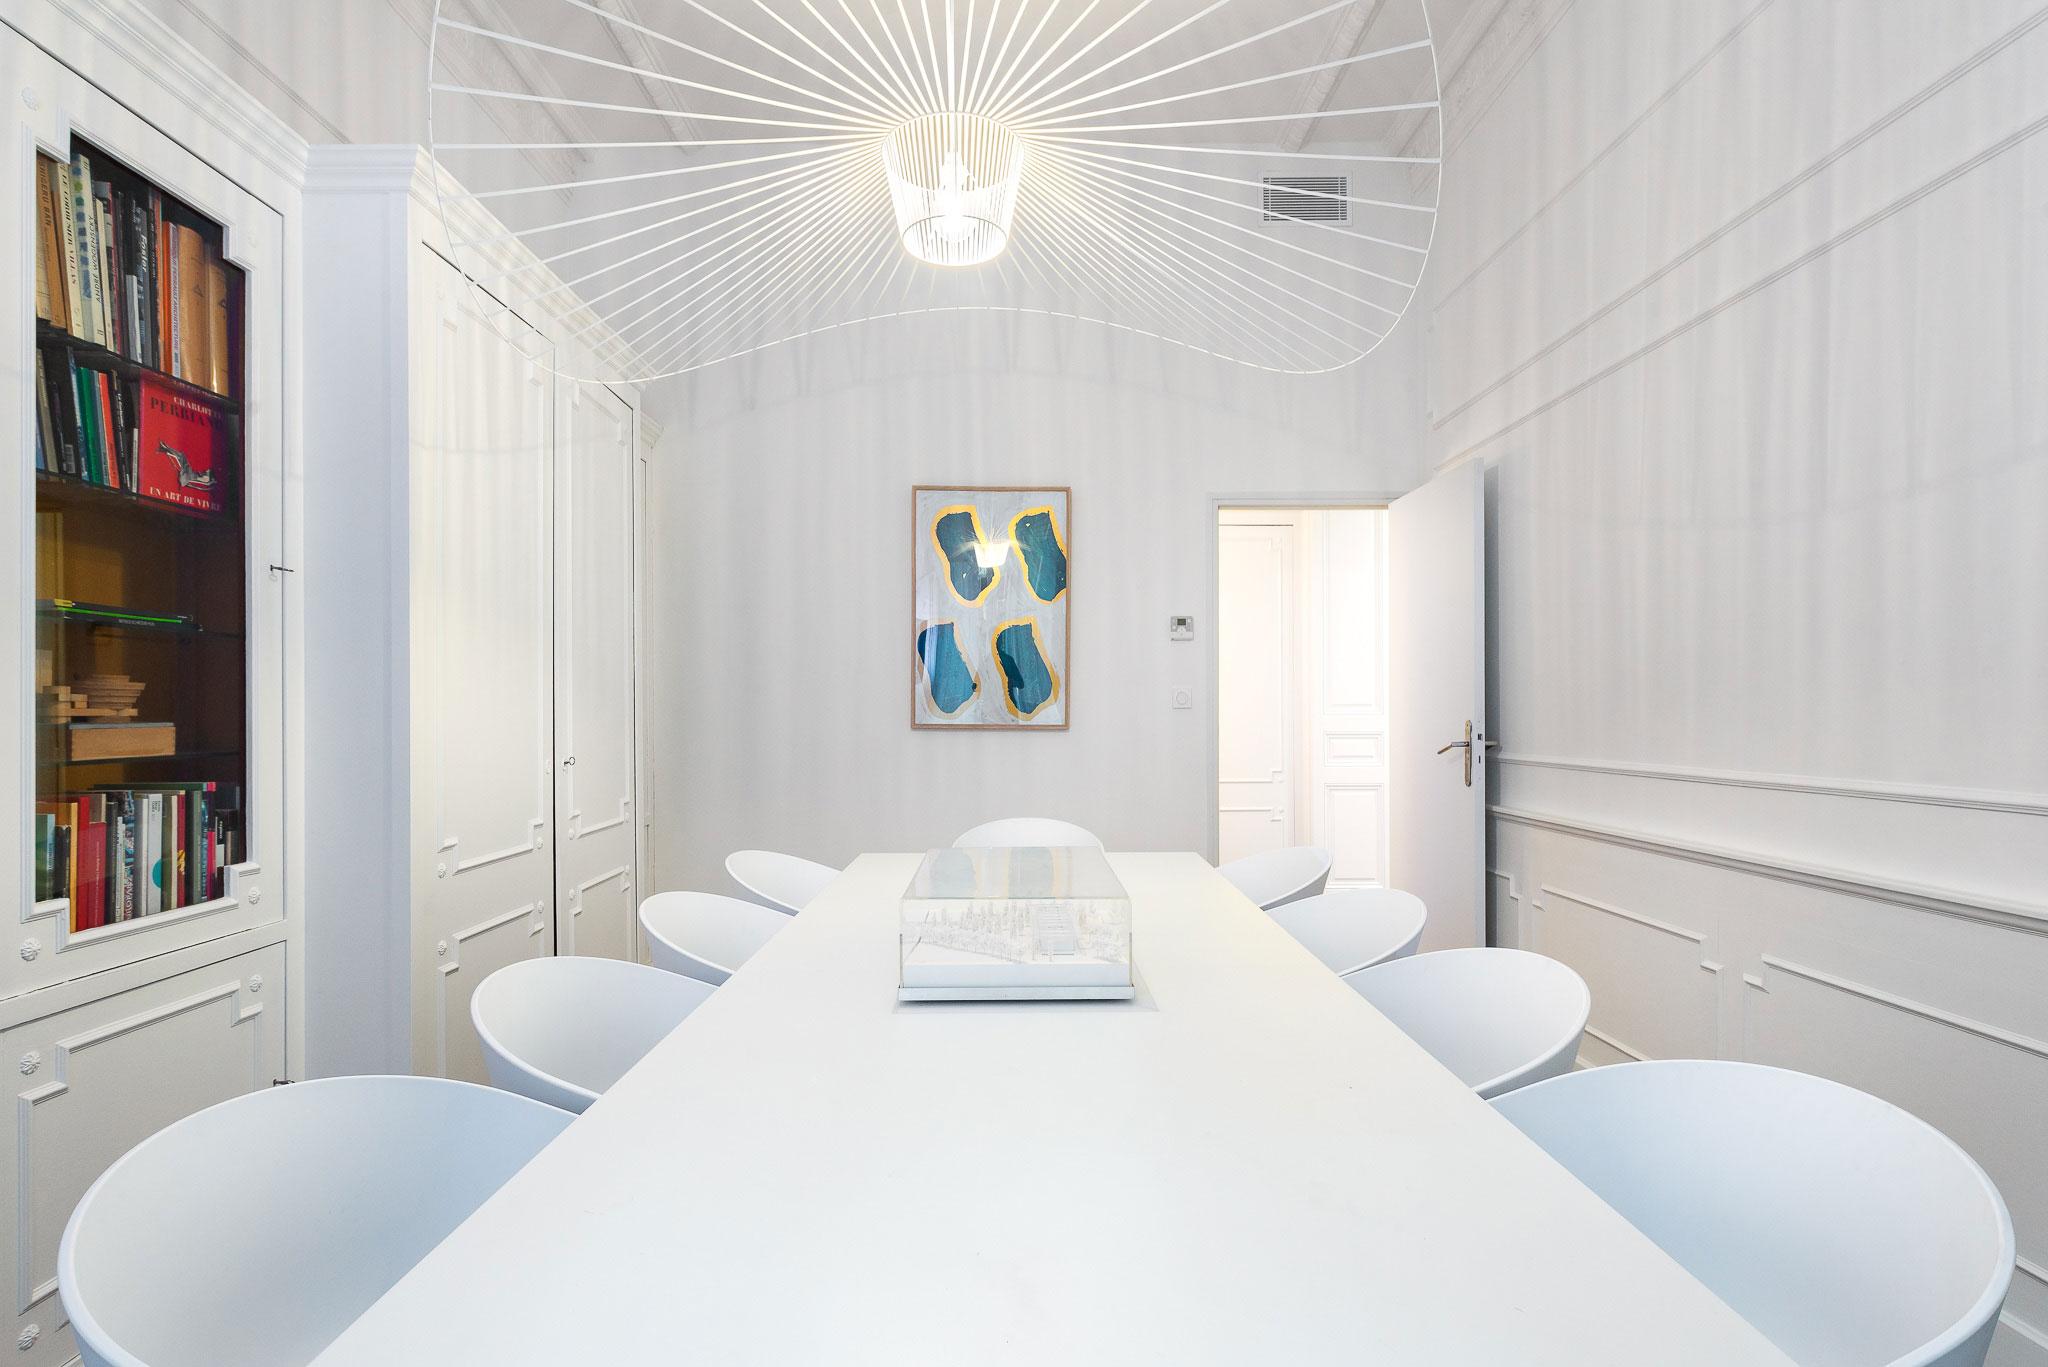 Salle de réunion - Agence TAUTEM Architecture - Montpellier